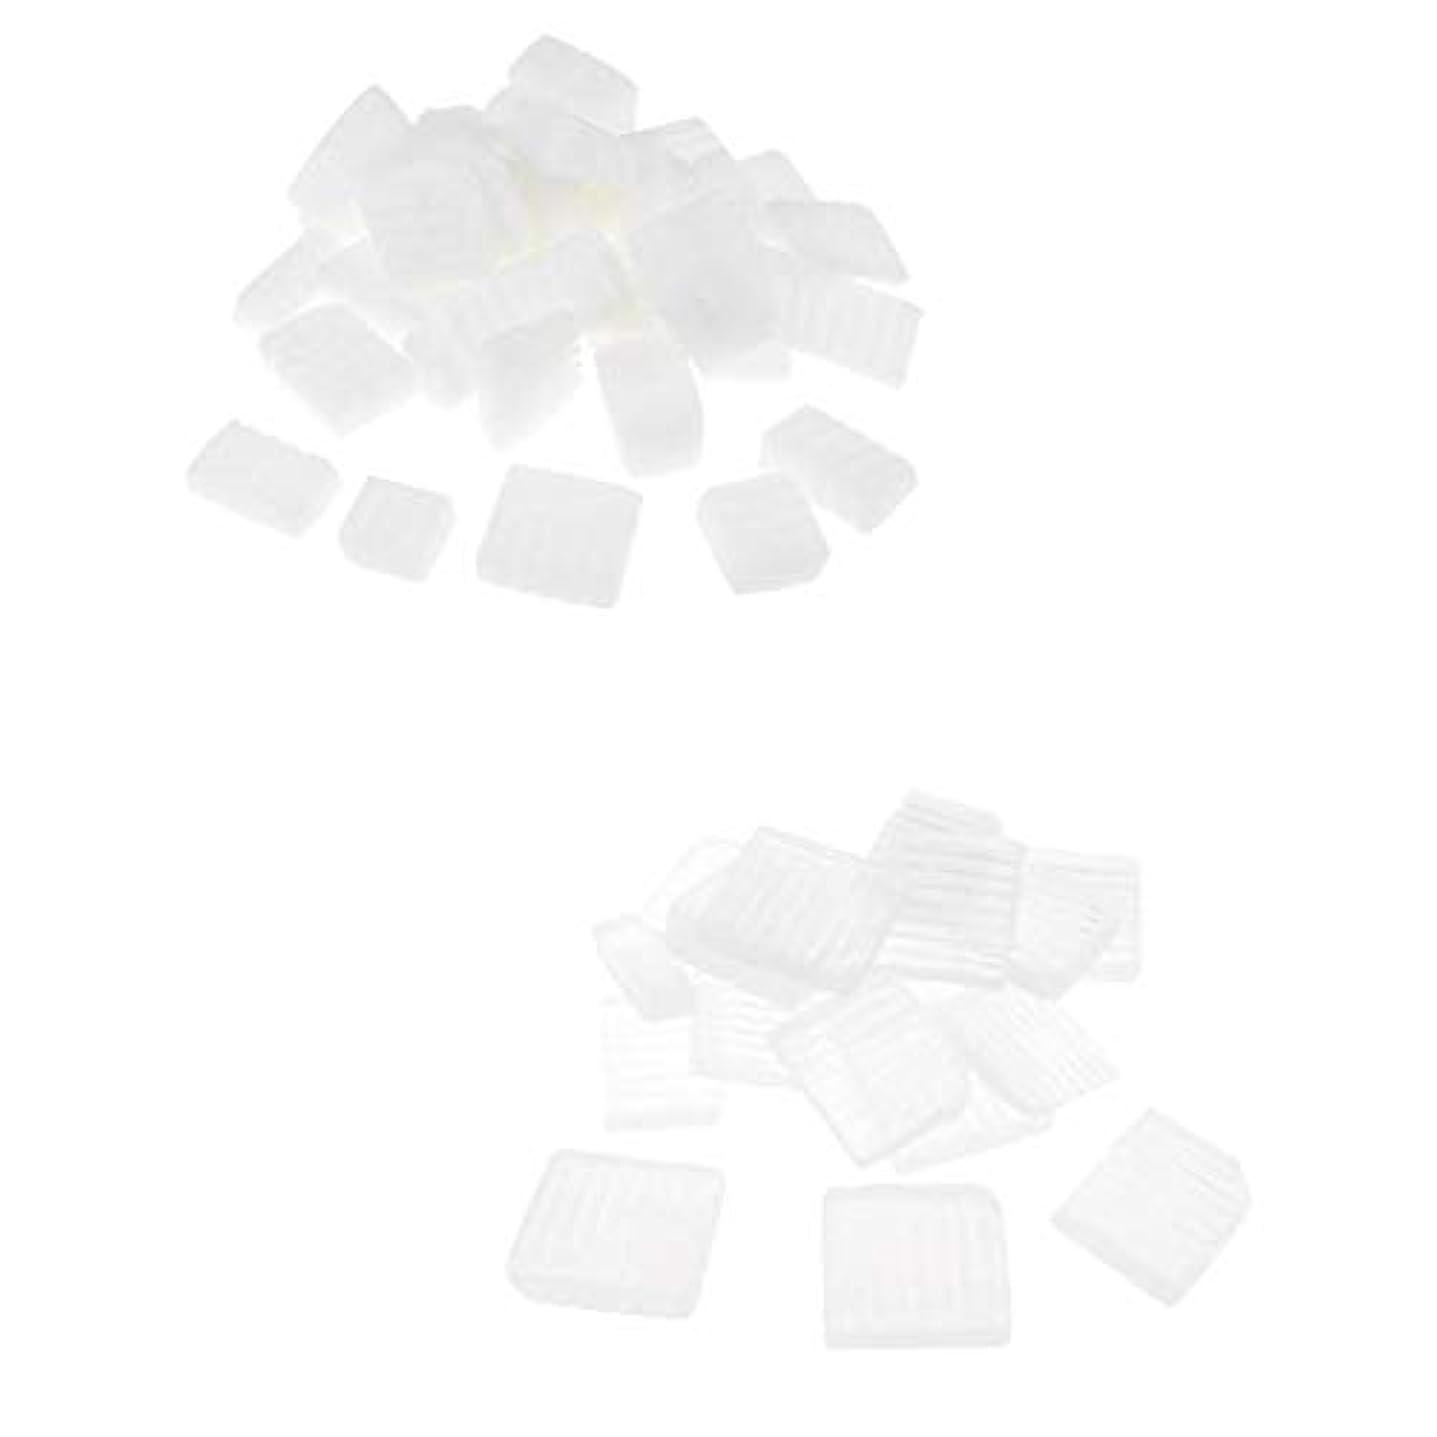 リッチハウス実施するFLAMEER 固形せっけん 石鹸ベース 2KG ホワイトクリア DIY製造 工芸品 ハンドメイド 石鹸原料 耐久性